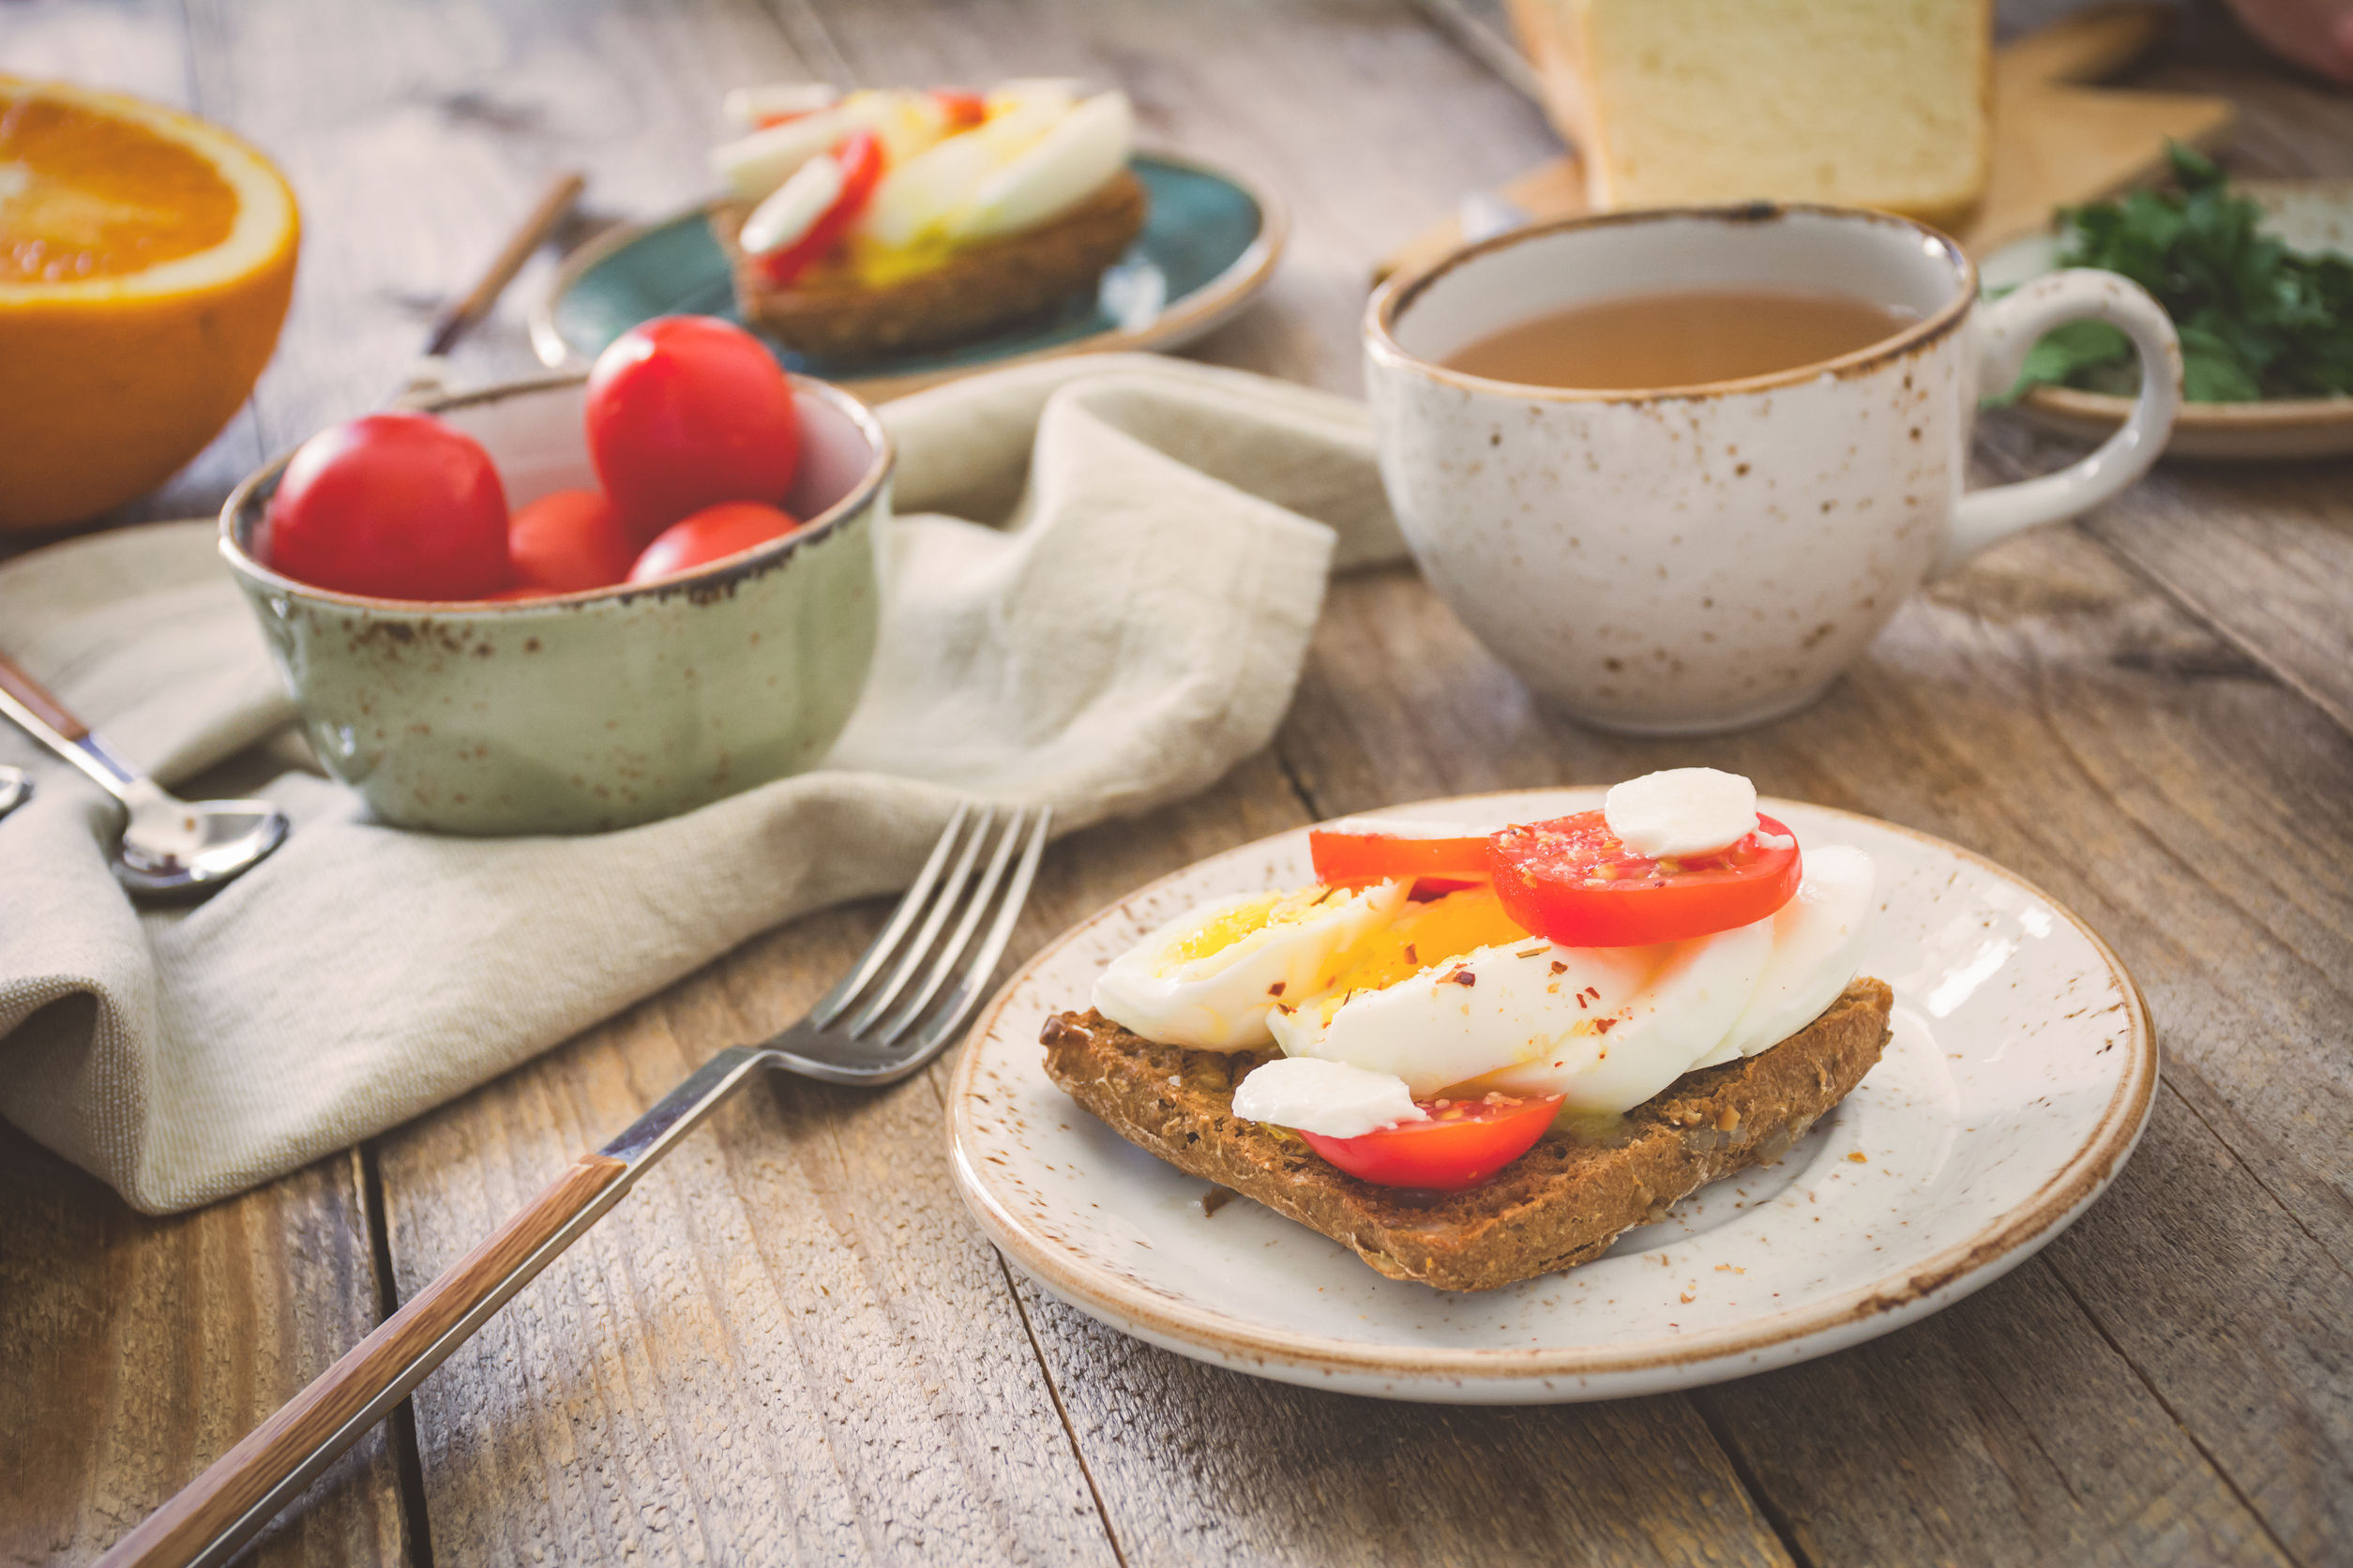 Cât cheltuie în medie un român pentru micul dejun şi ce preferă să mănânce şi să bea